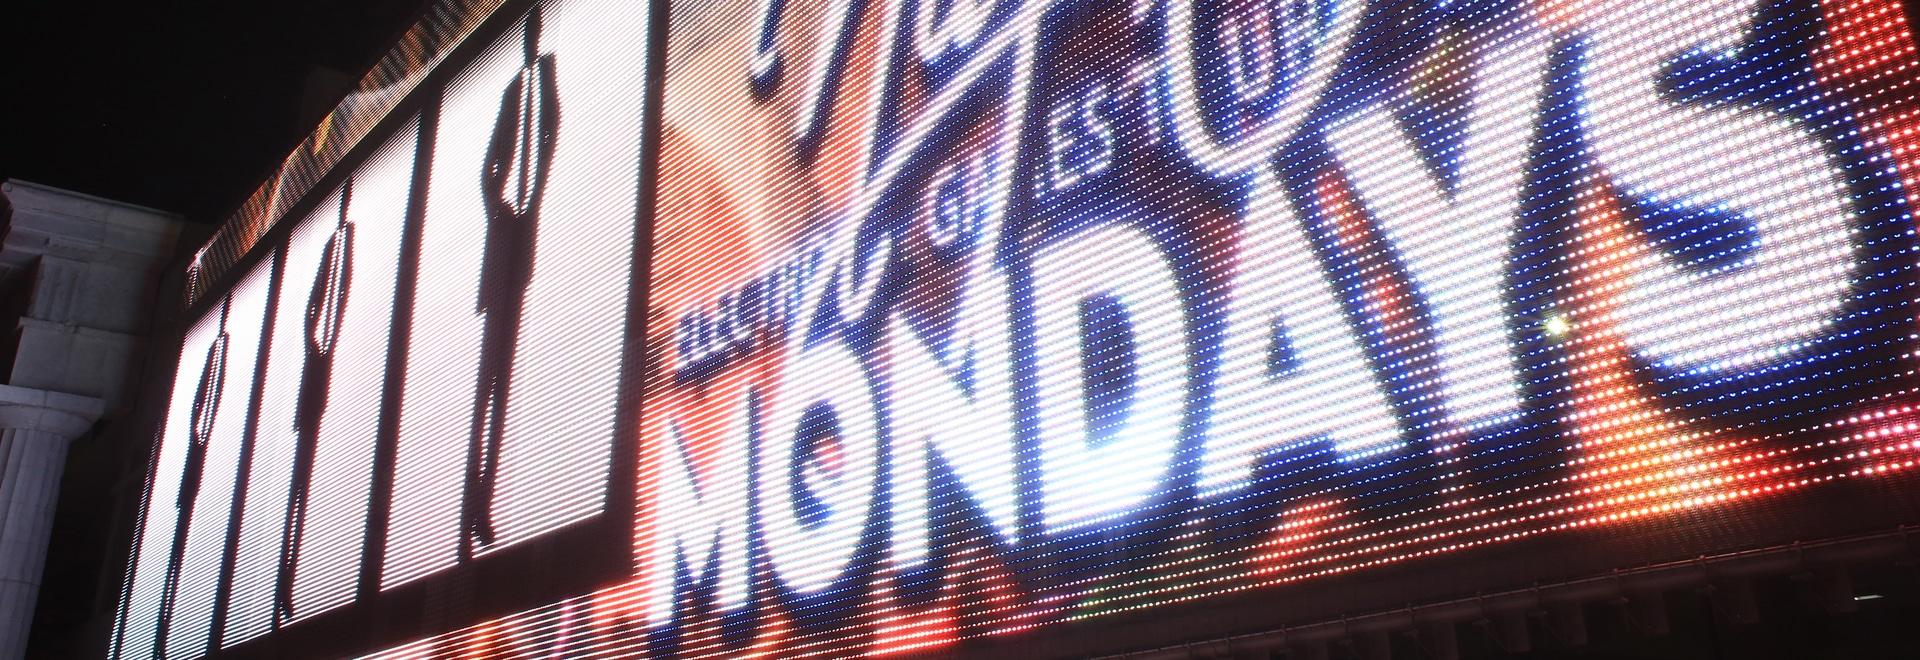 WinStar-Weltkasino zieht spielende Fans mit einer gesponnenen Medienfassade an